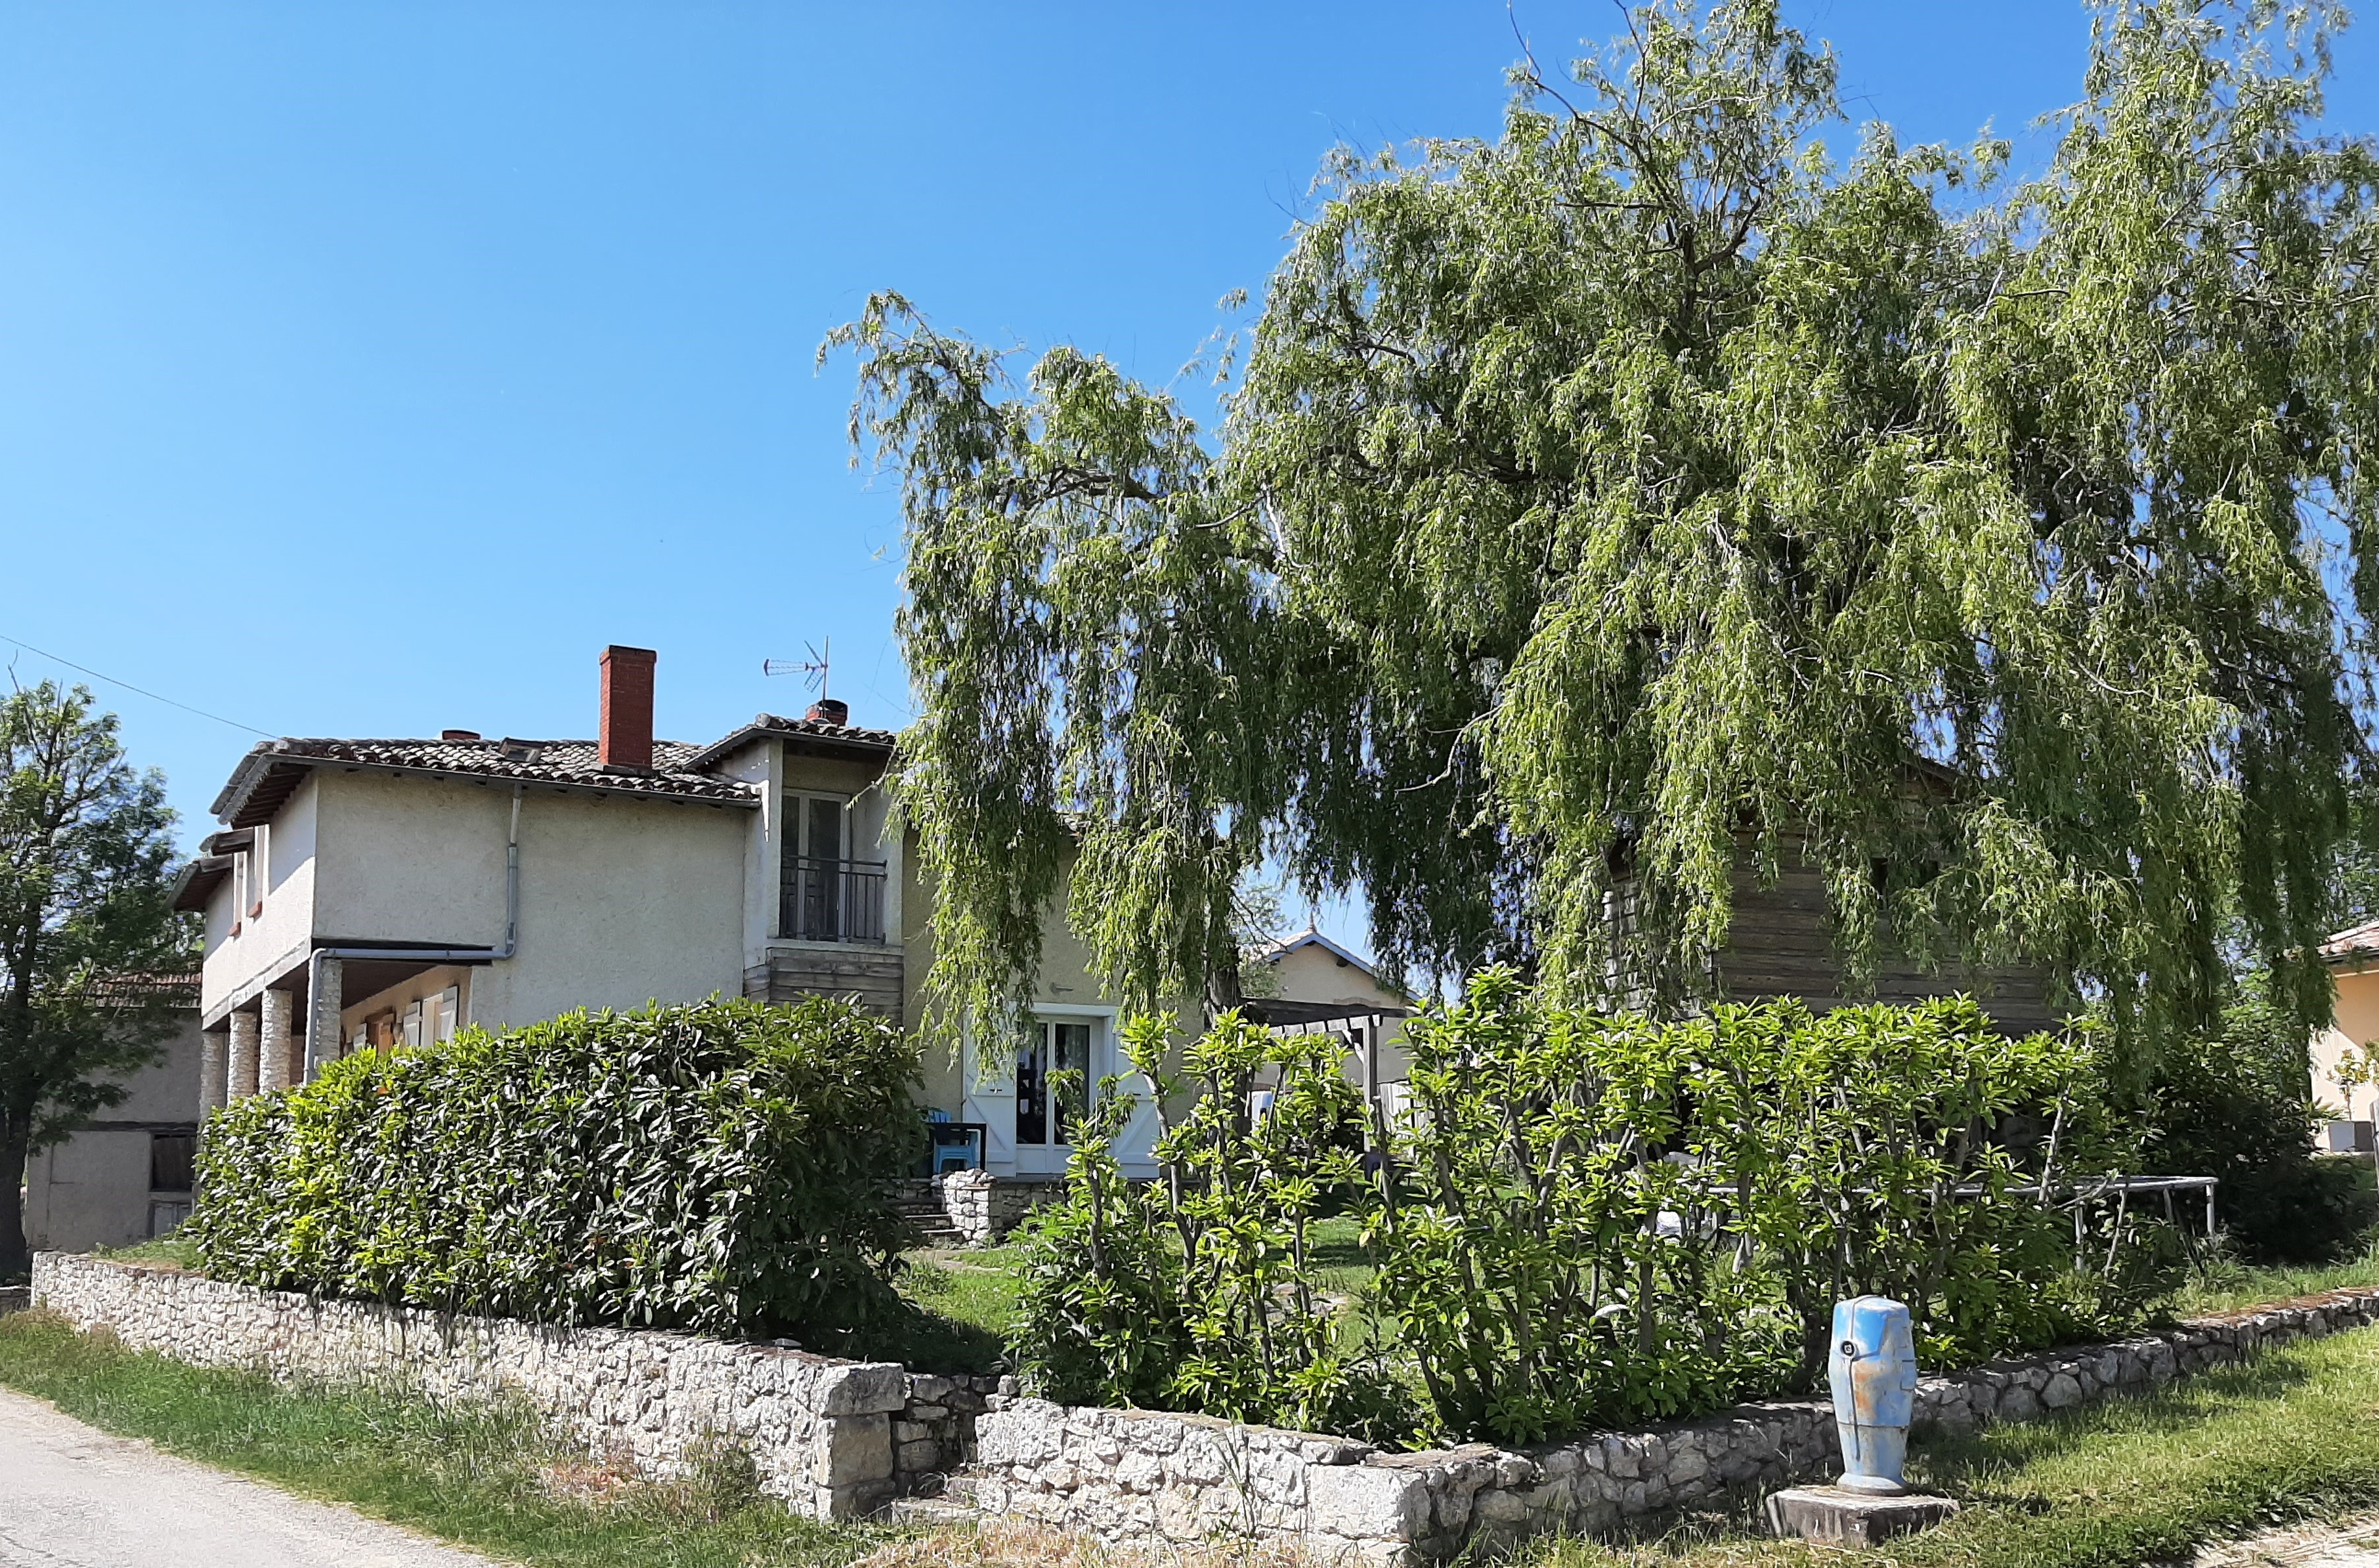 Maison 165m² – 5 chambres + 2 – Jardin – Garage